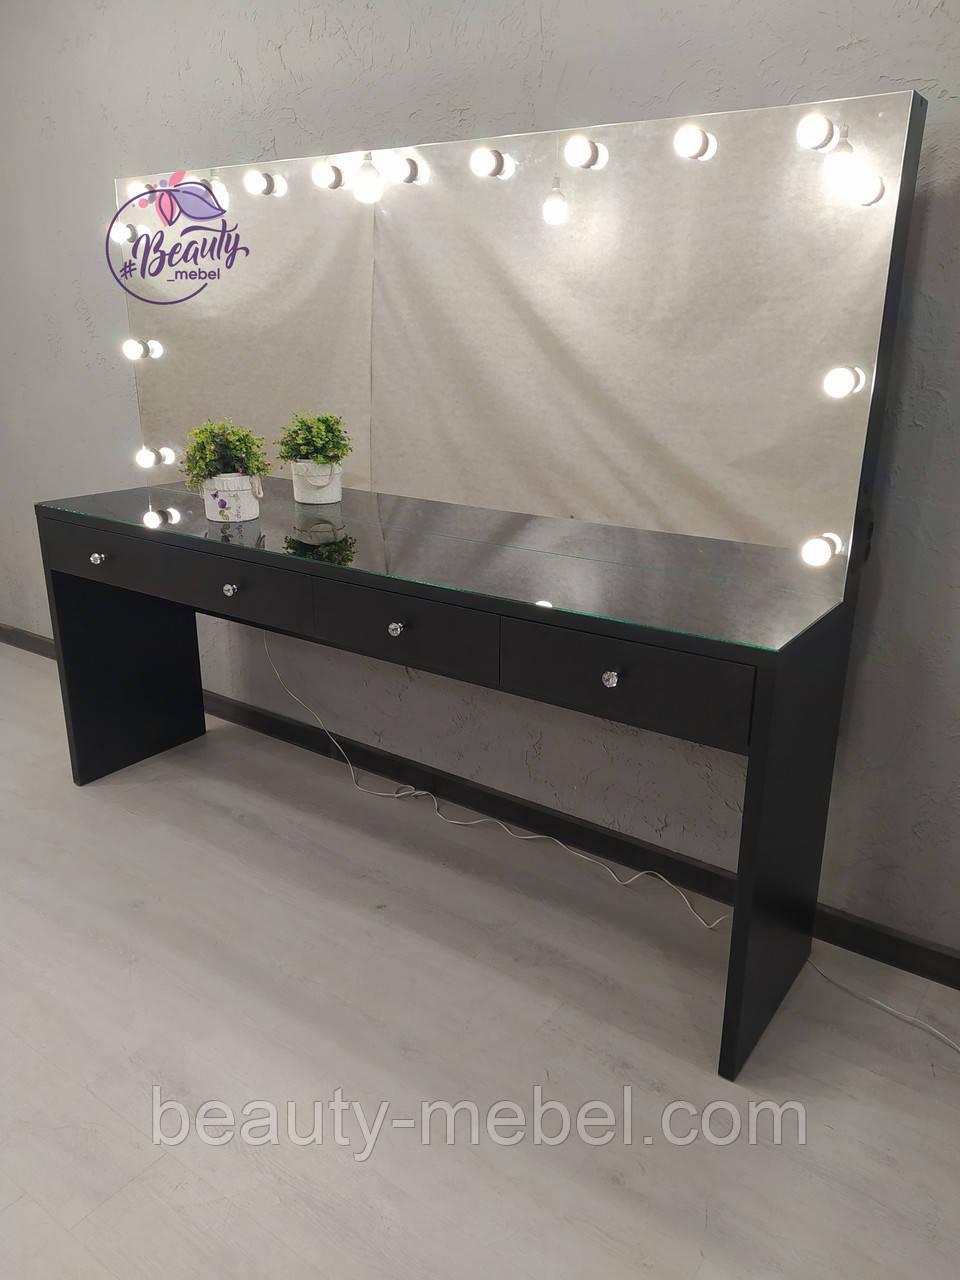 Широкий стол для визажиста на 2 рабочих места, макияжный стол с зеркалом, широкое зеркало, цвет - черный